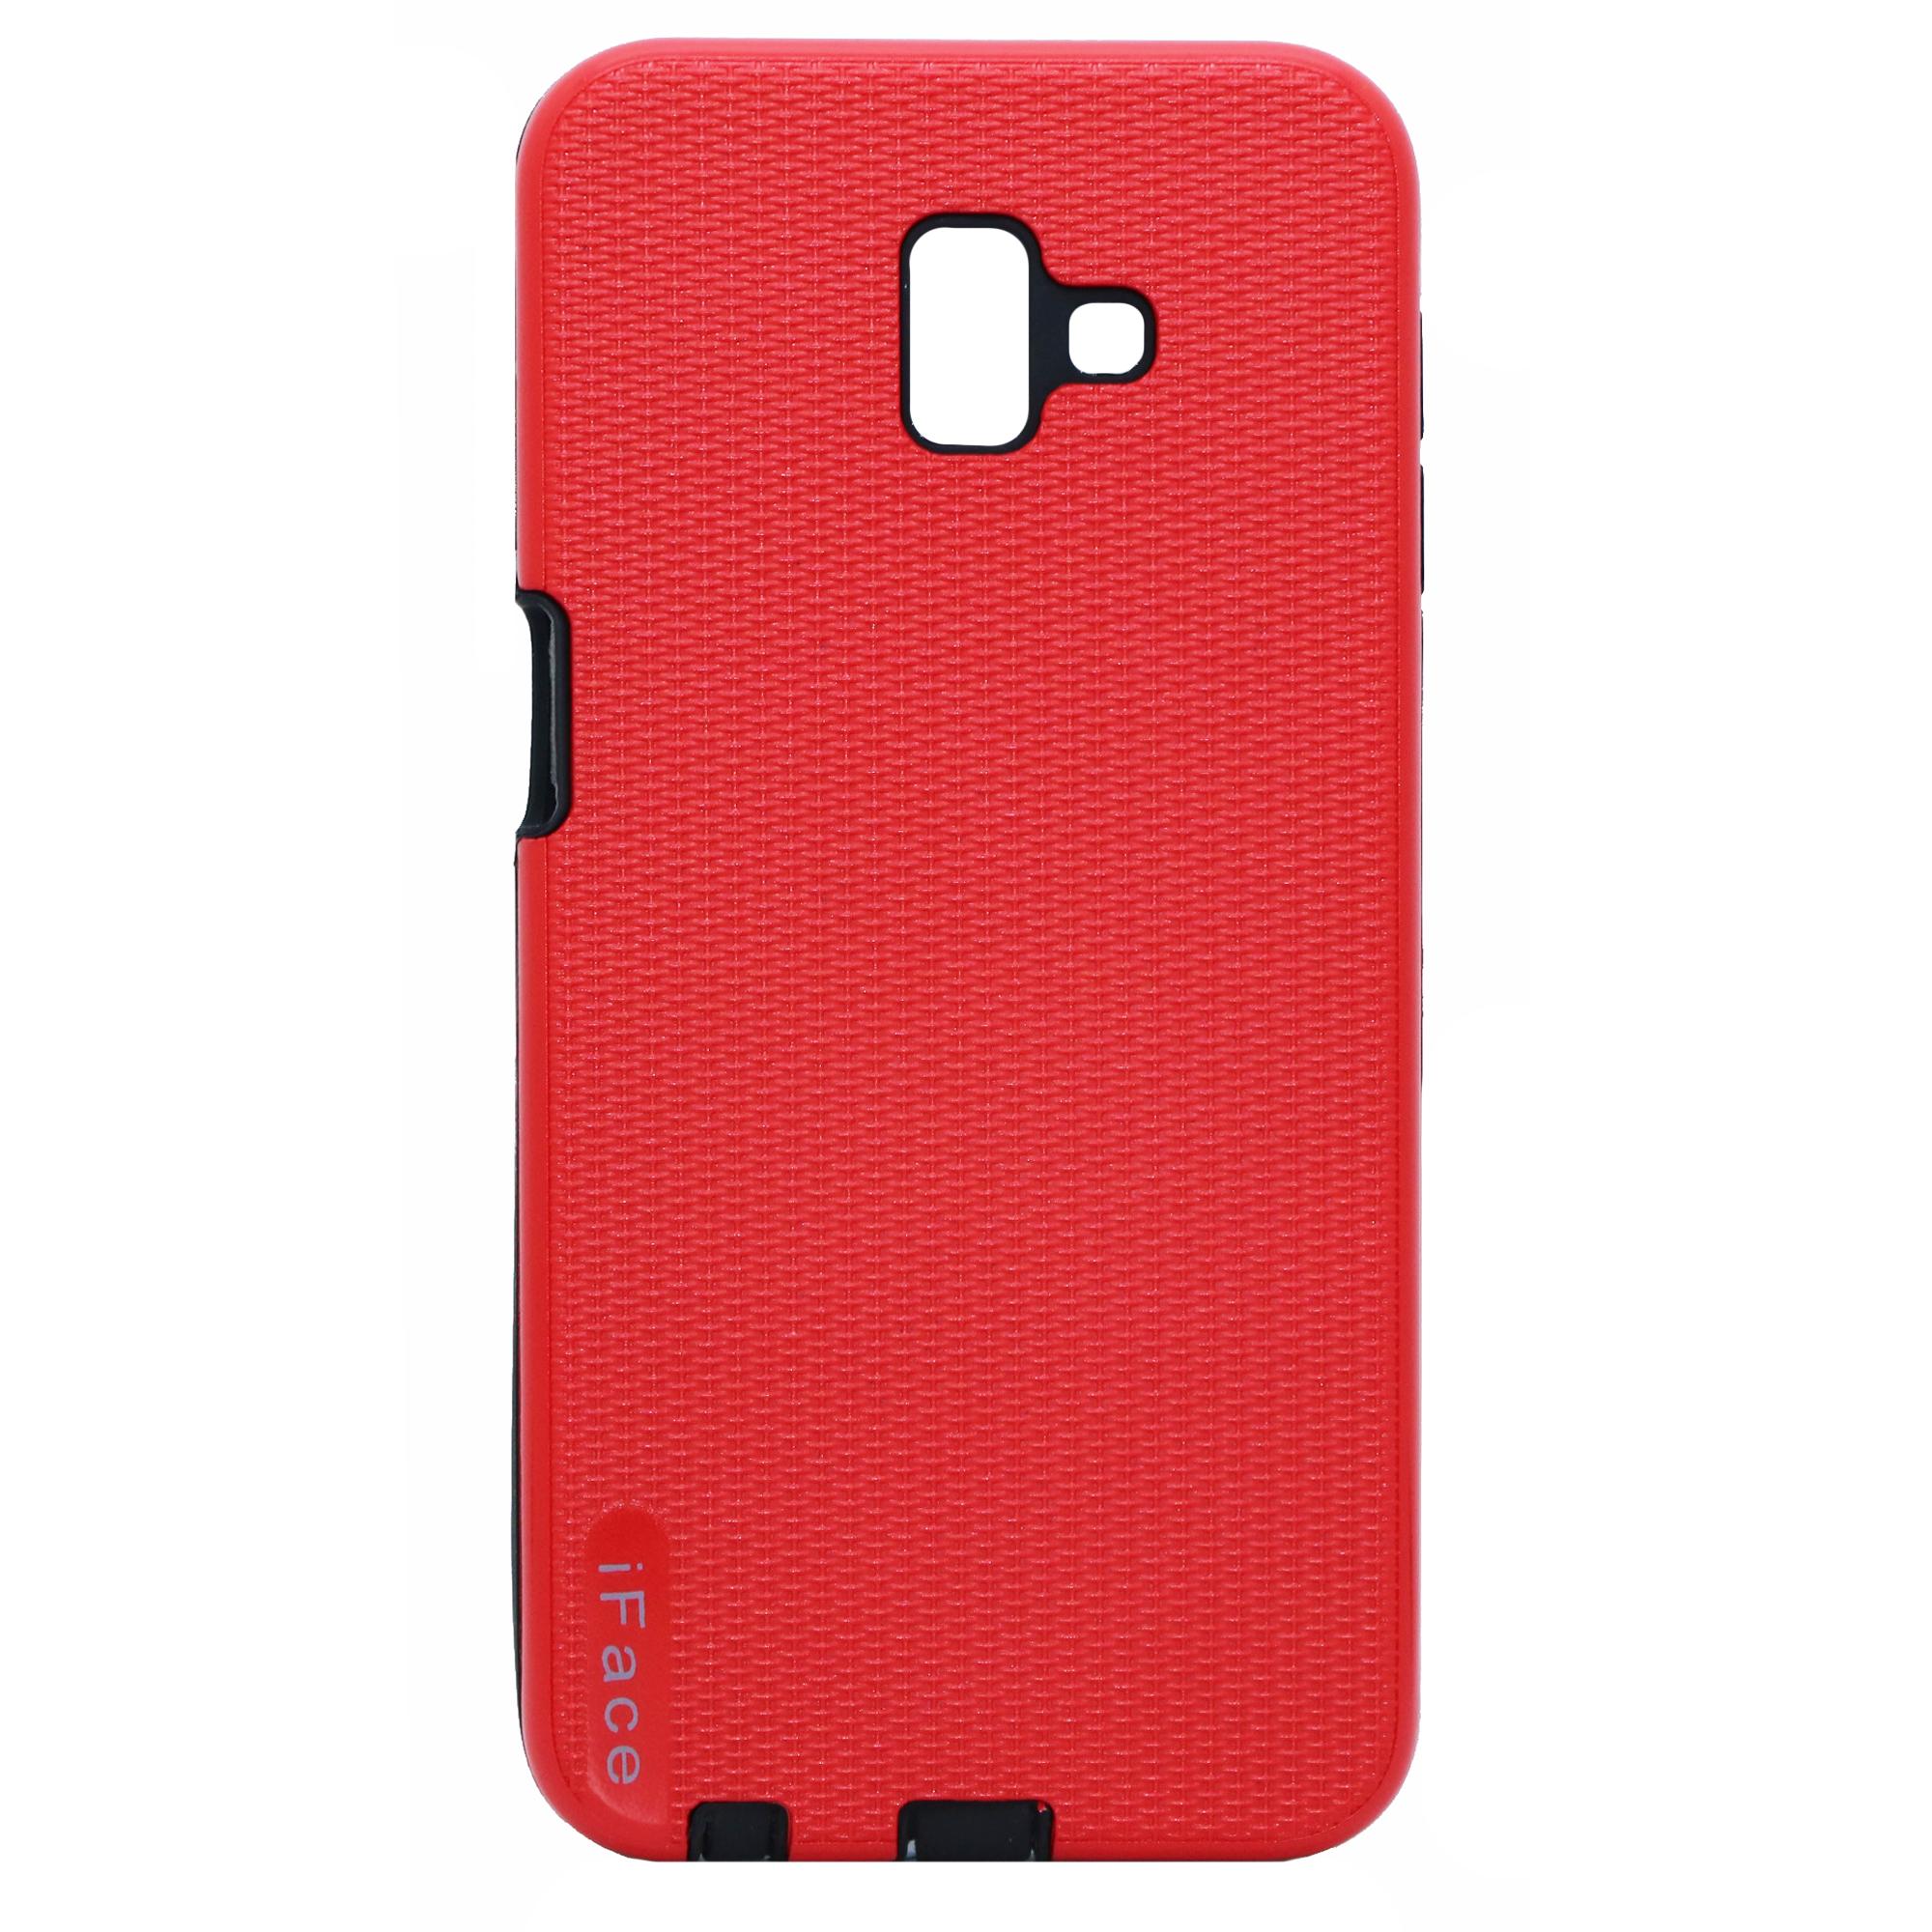 کاور مدل RB-01 مناسب برای گوشی موبایل سامسونگ Galaxy A6 Plus